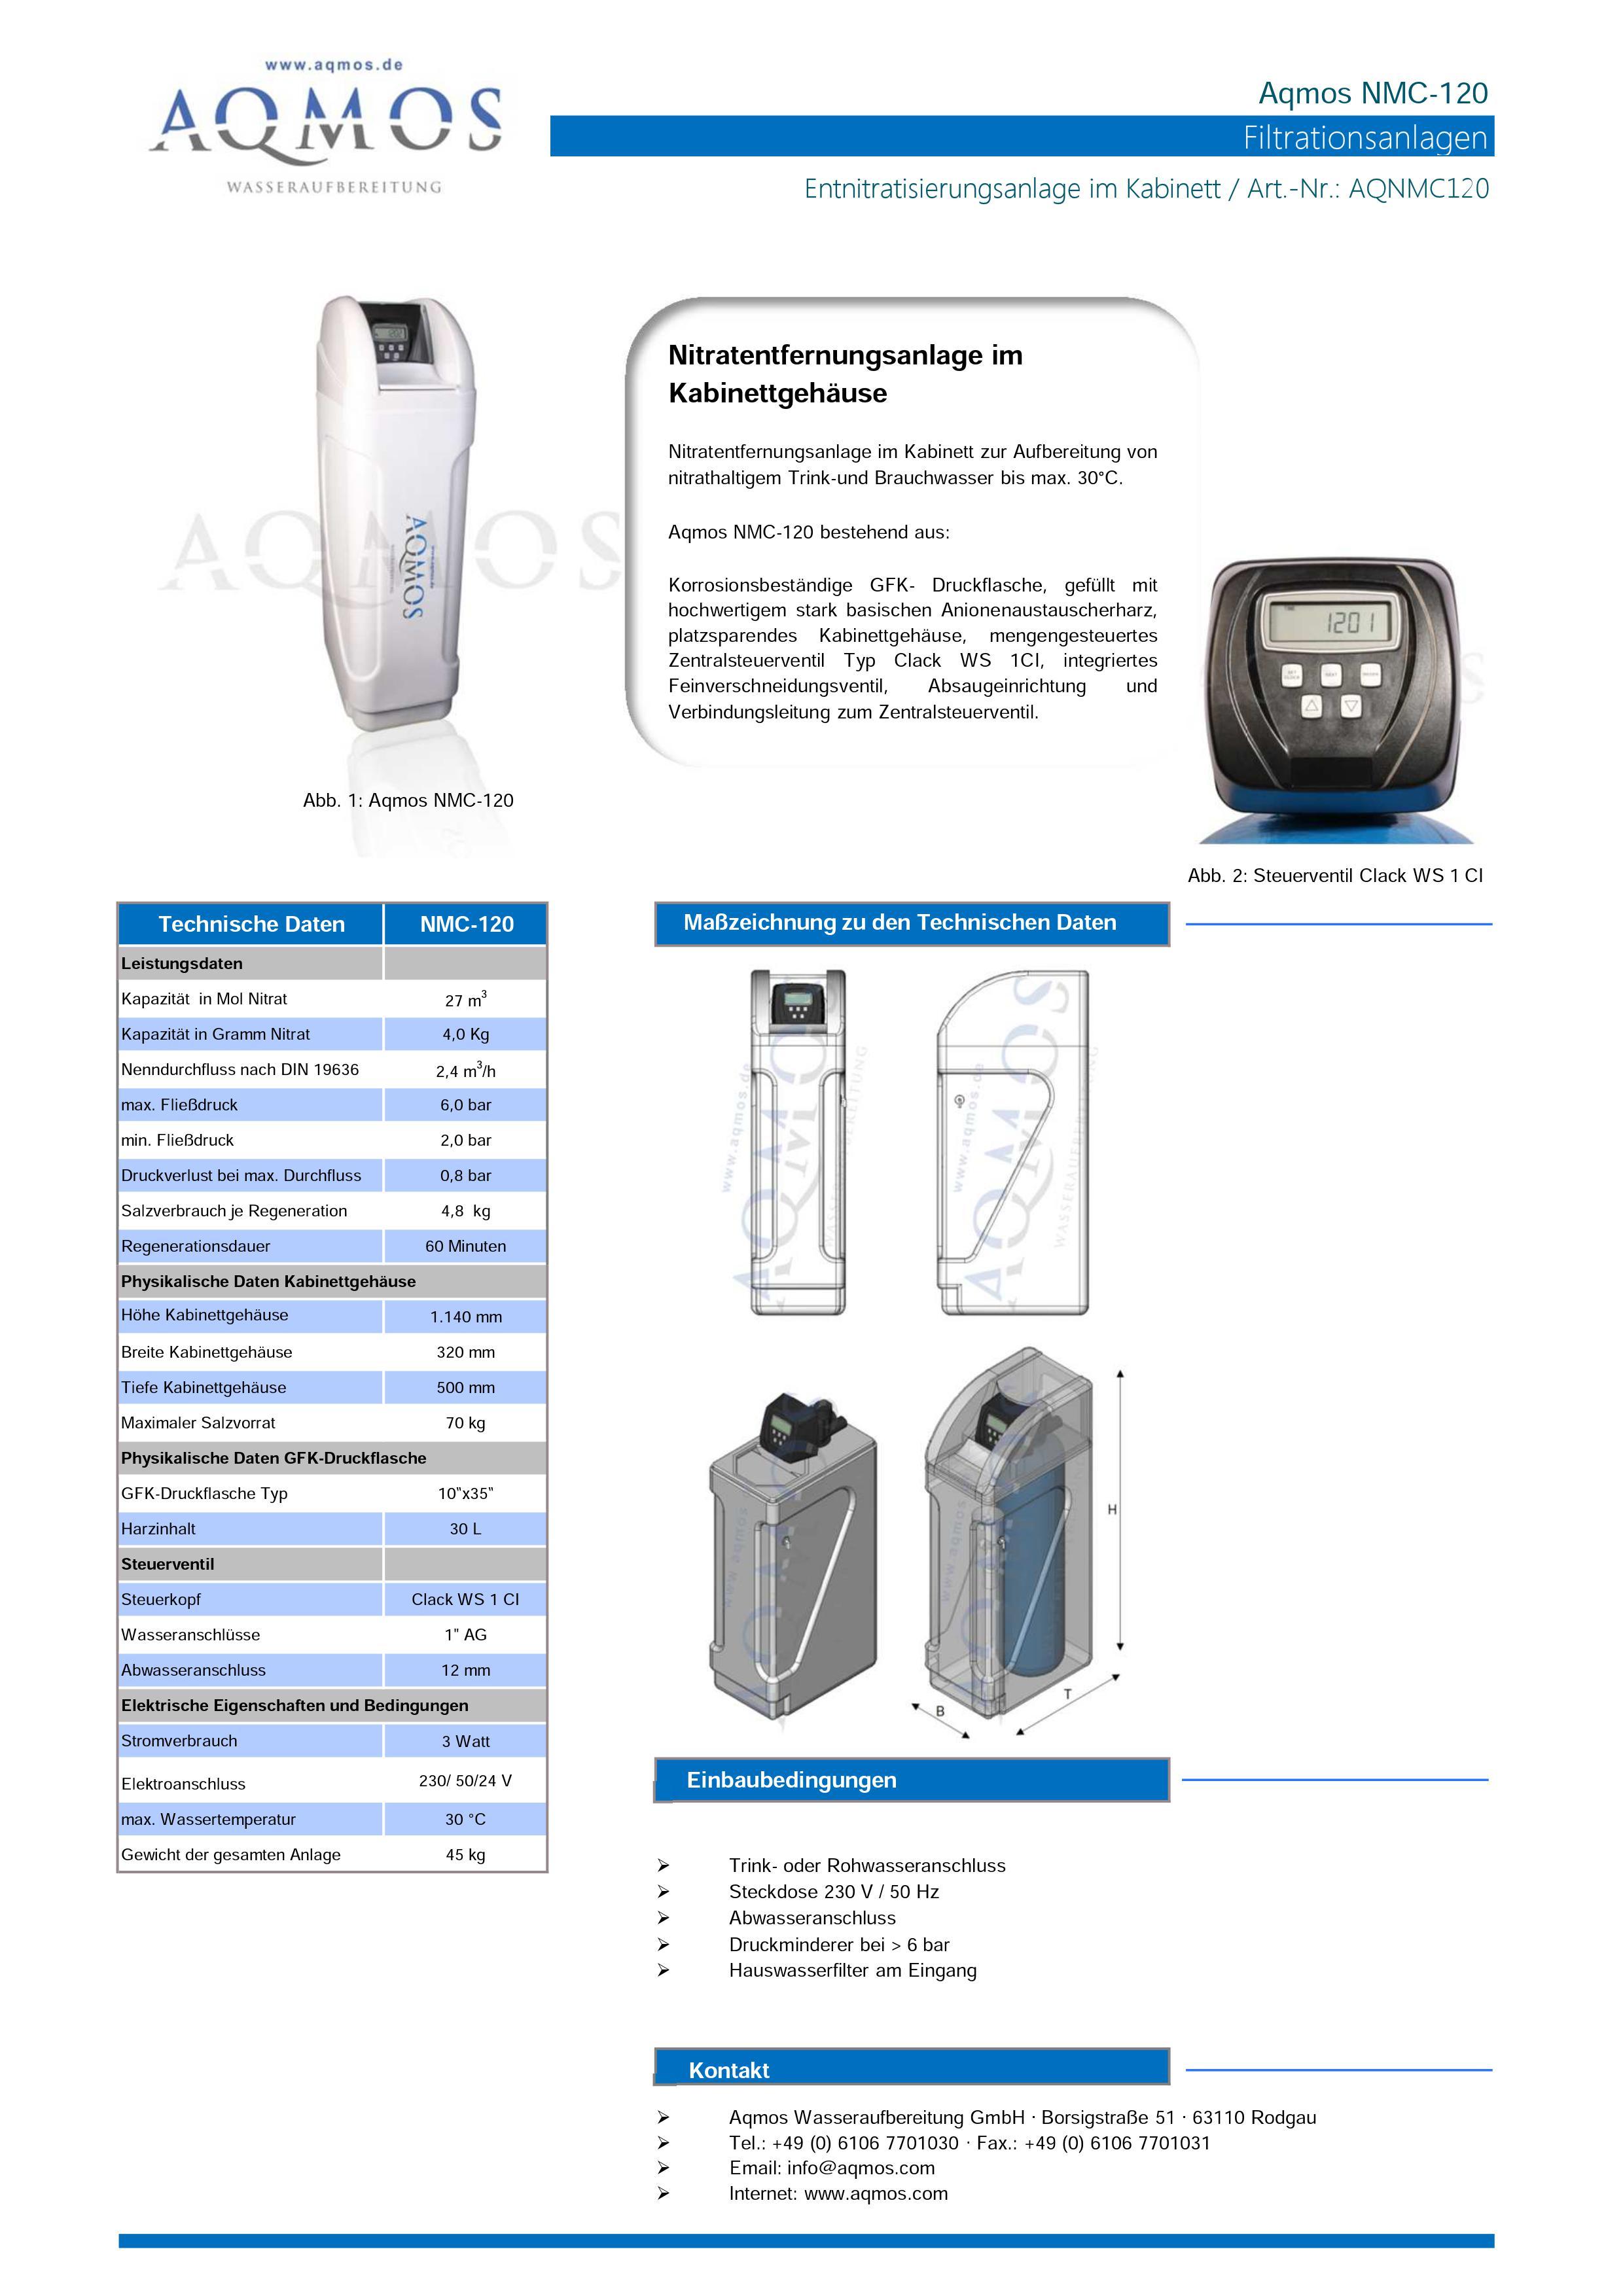 NMC-120-Datenblatt